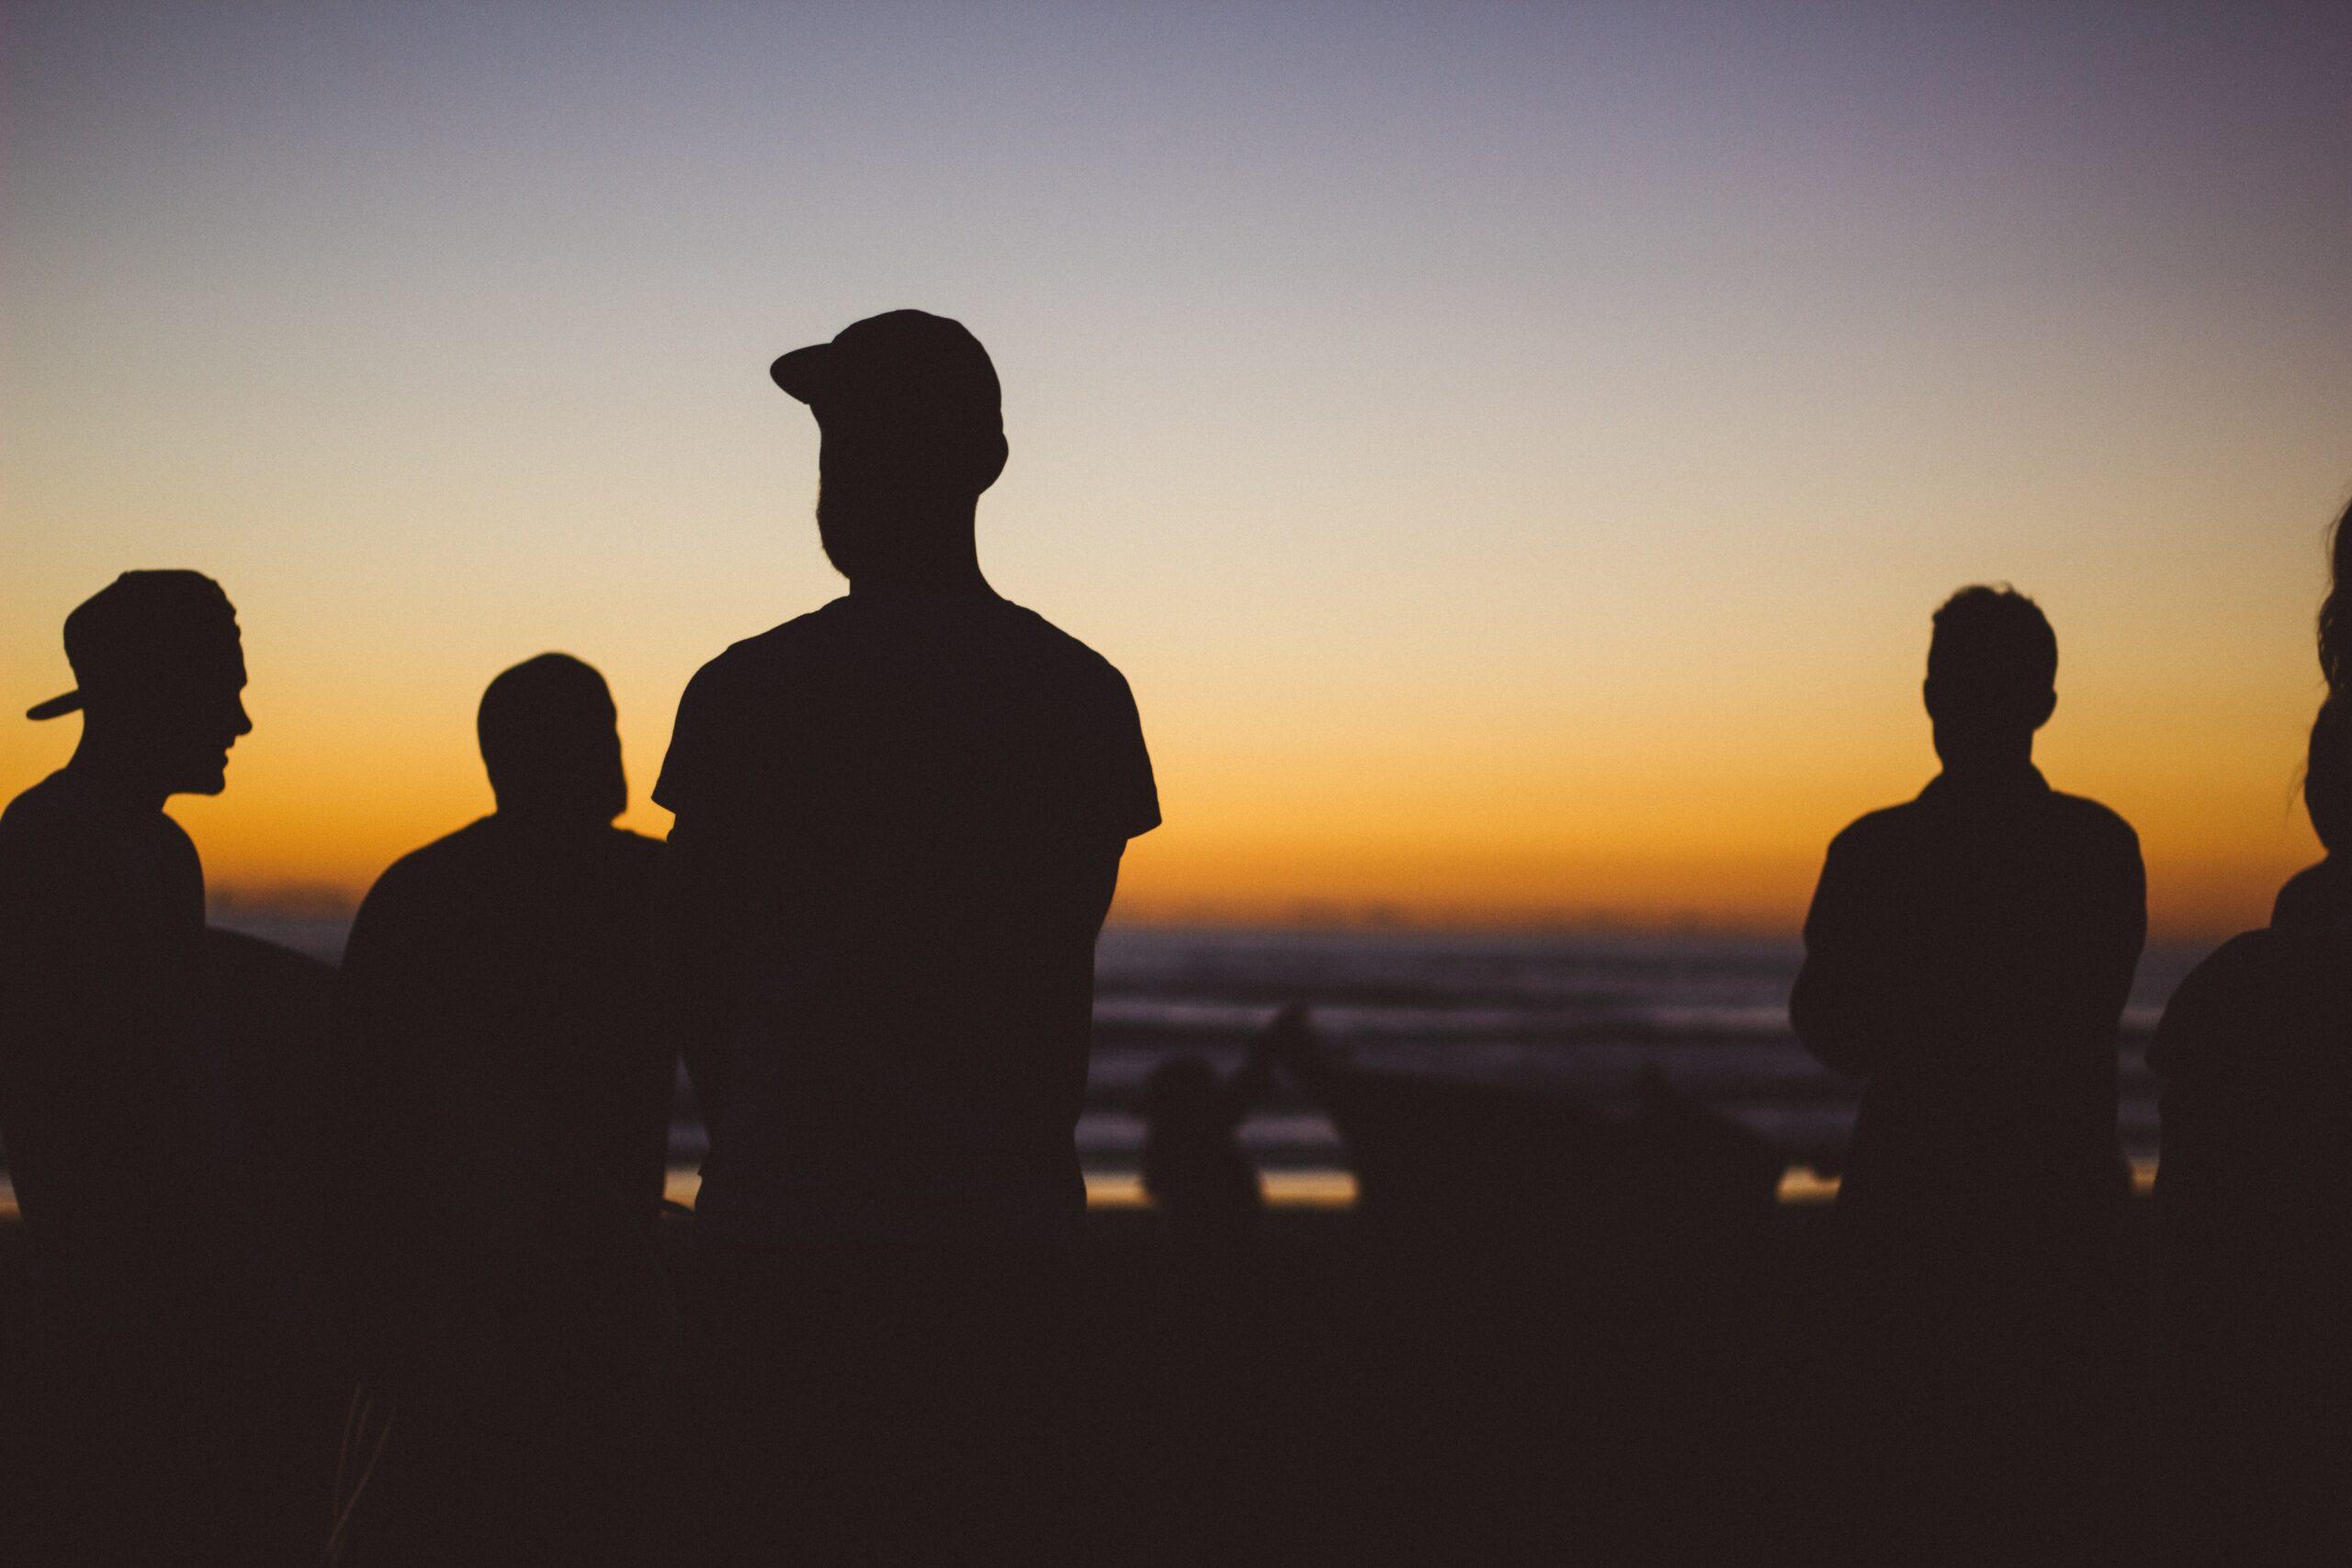 silhouet van mannen